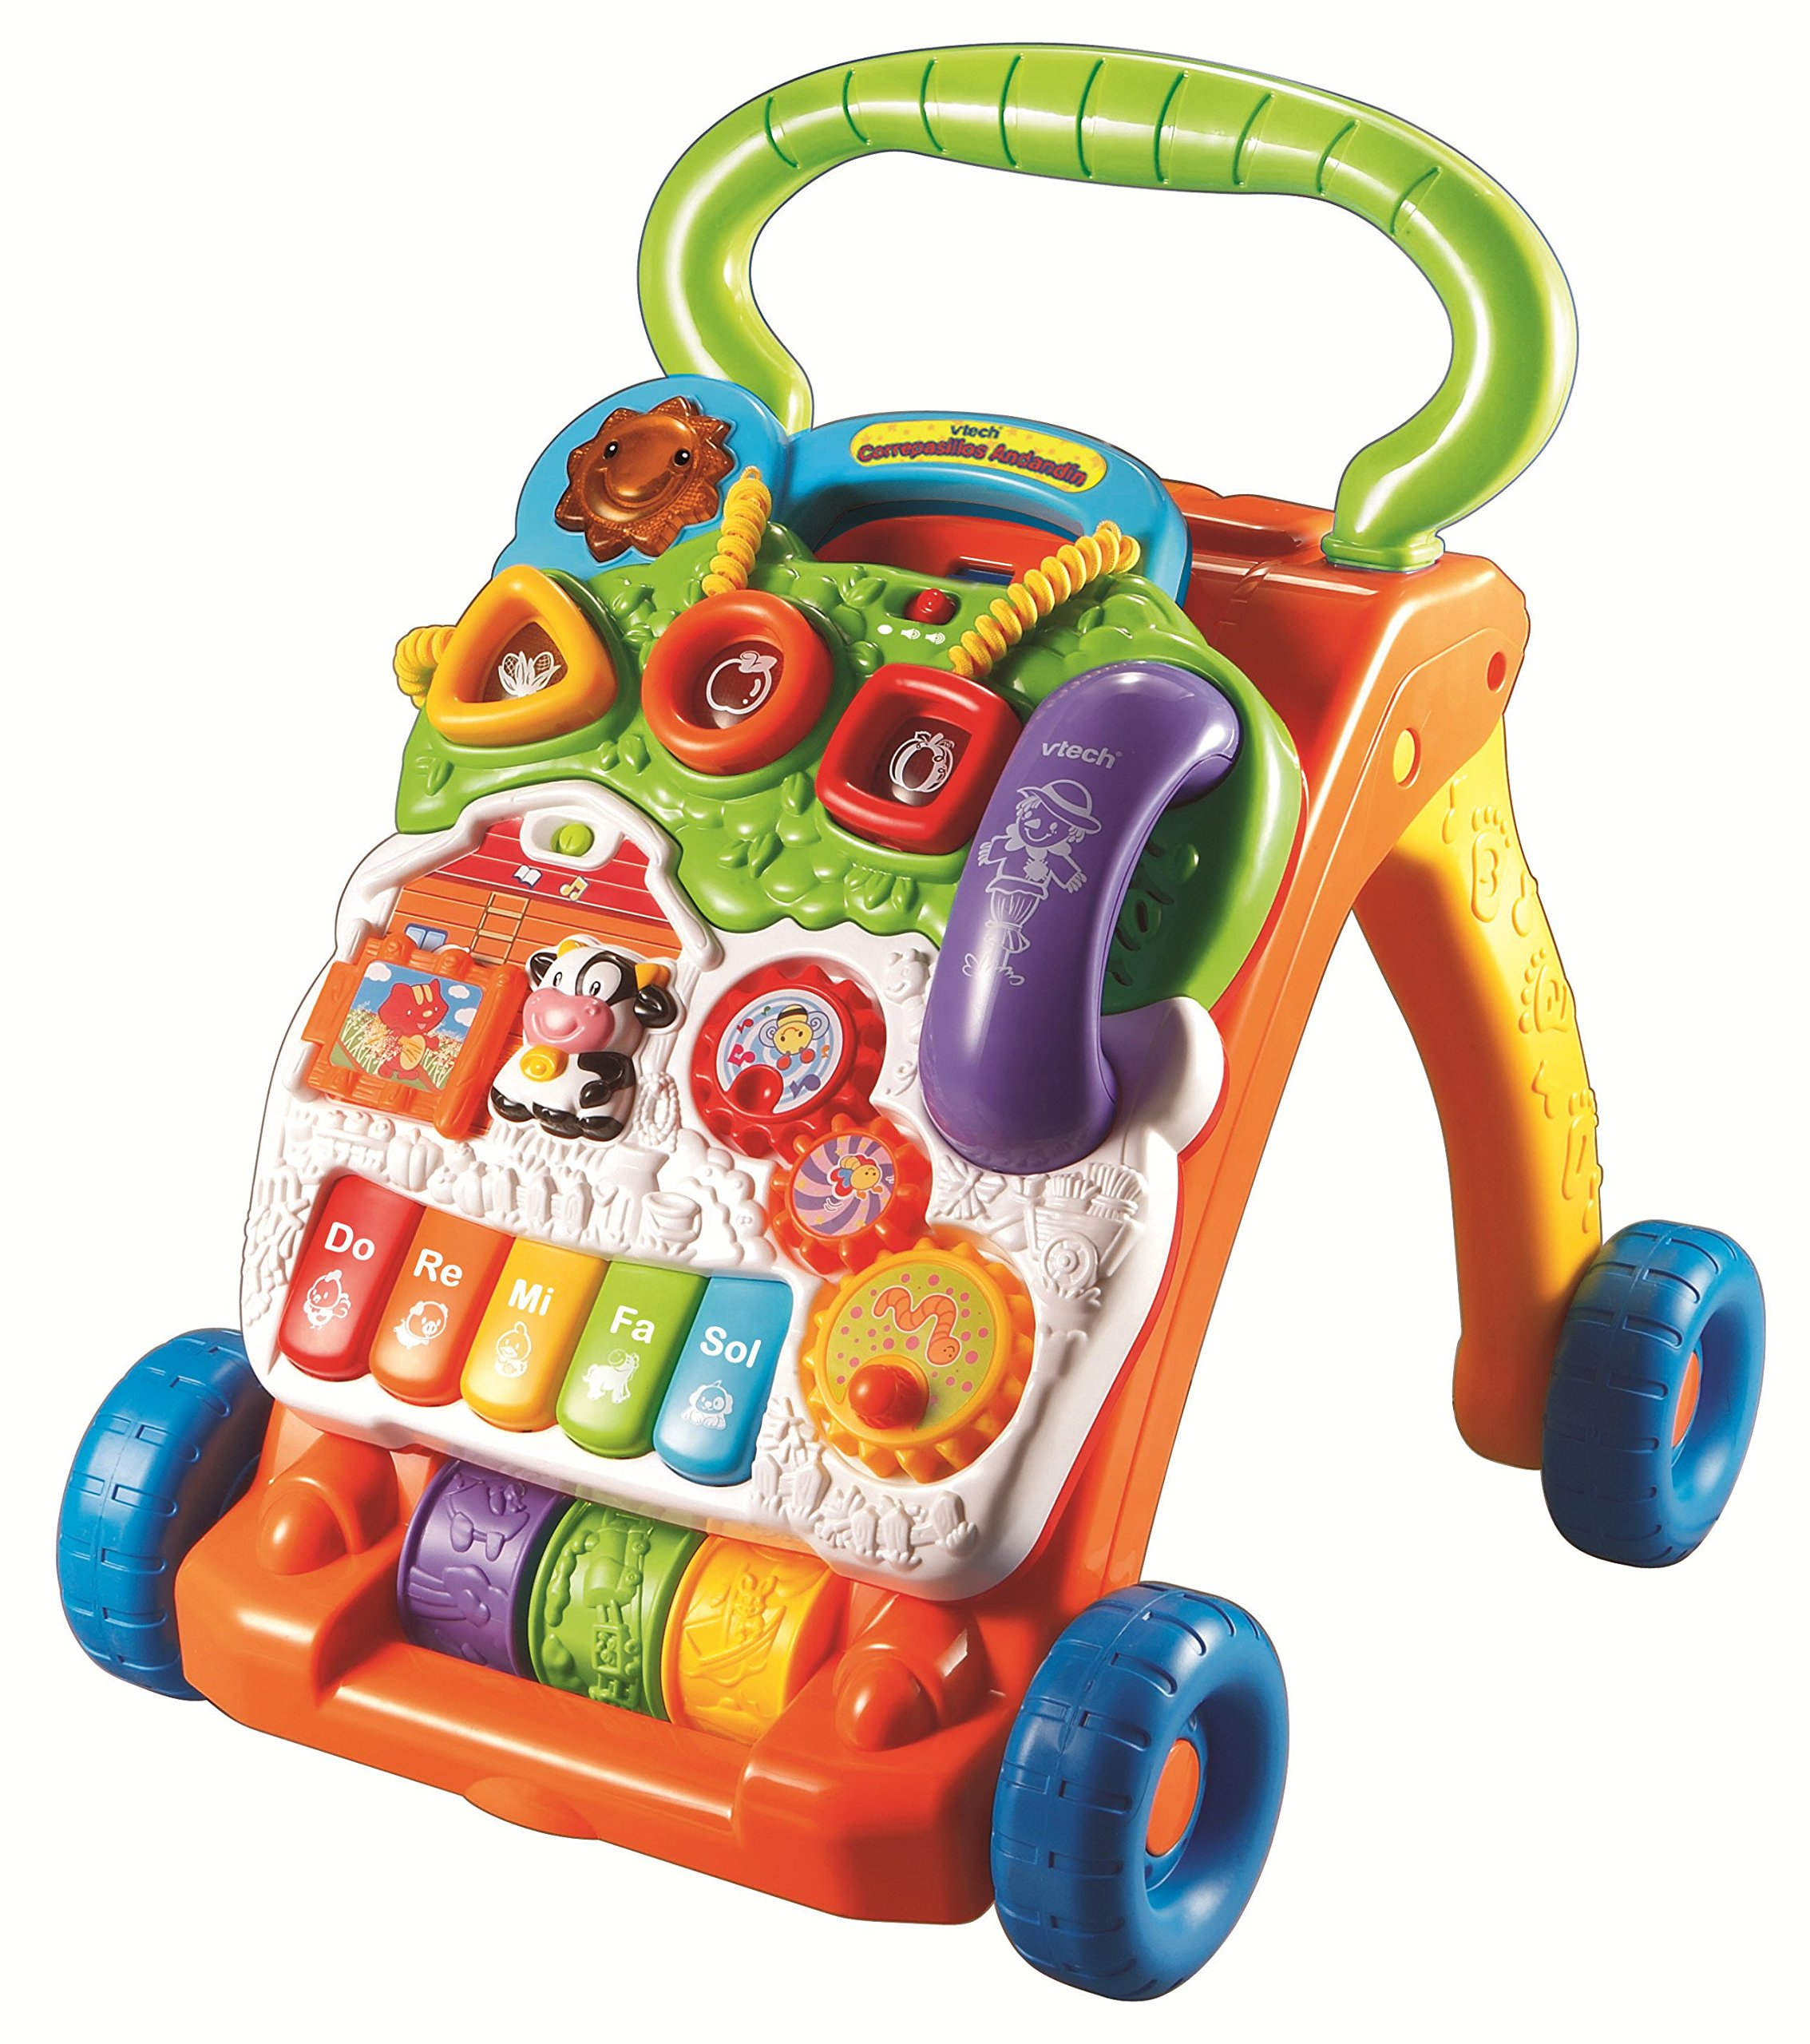 VTech Baby - Correpasillos andandín 2 en 1, andador de bebé interactivo, centro de actividades extraíble, múltiples funciones y regulador de velocidad ...